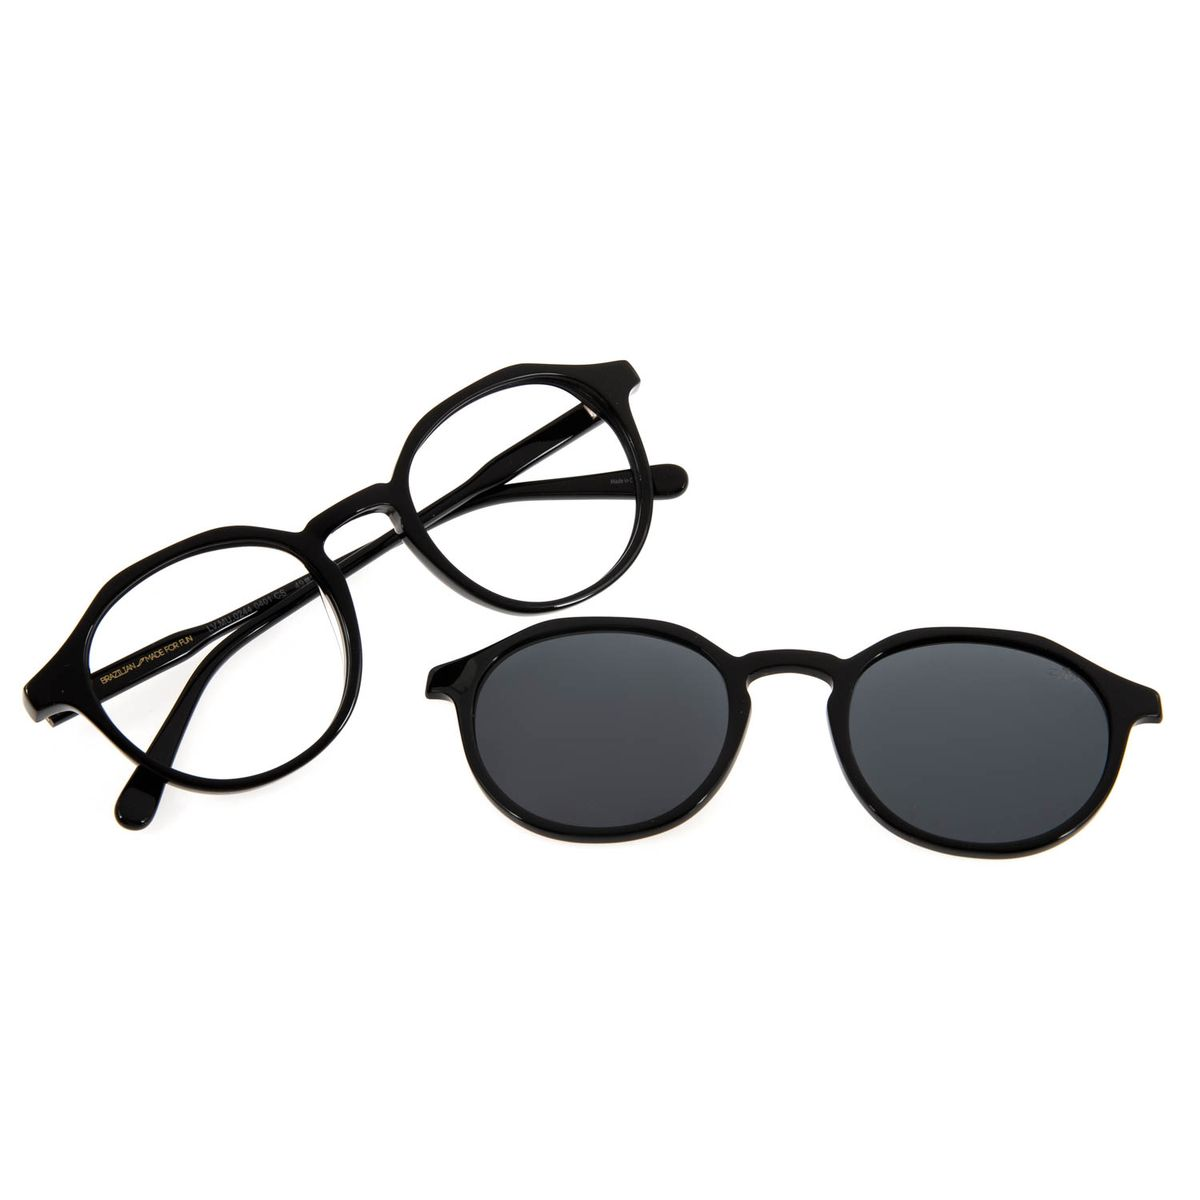 08e114b5e Armação Para Óculos de Grau Unissex Chilli Beans 2 em 1 Multi ...